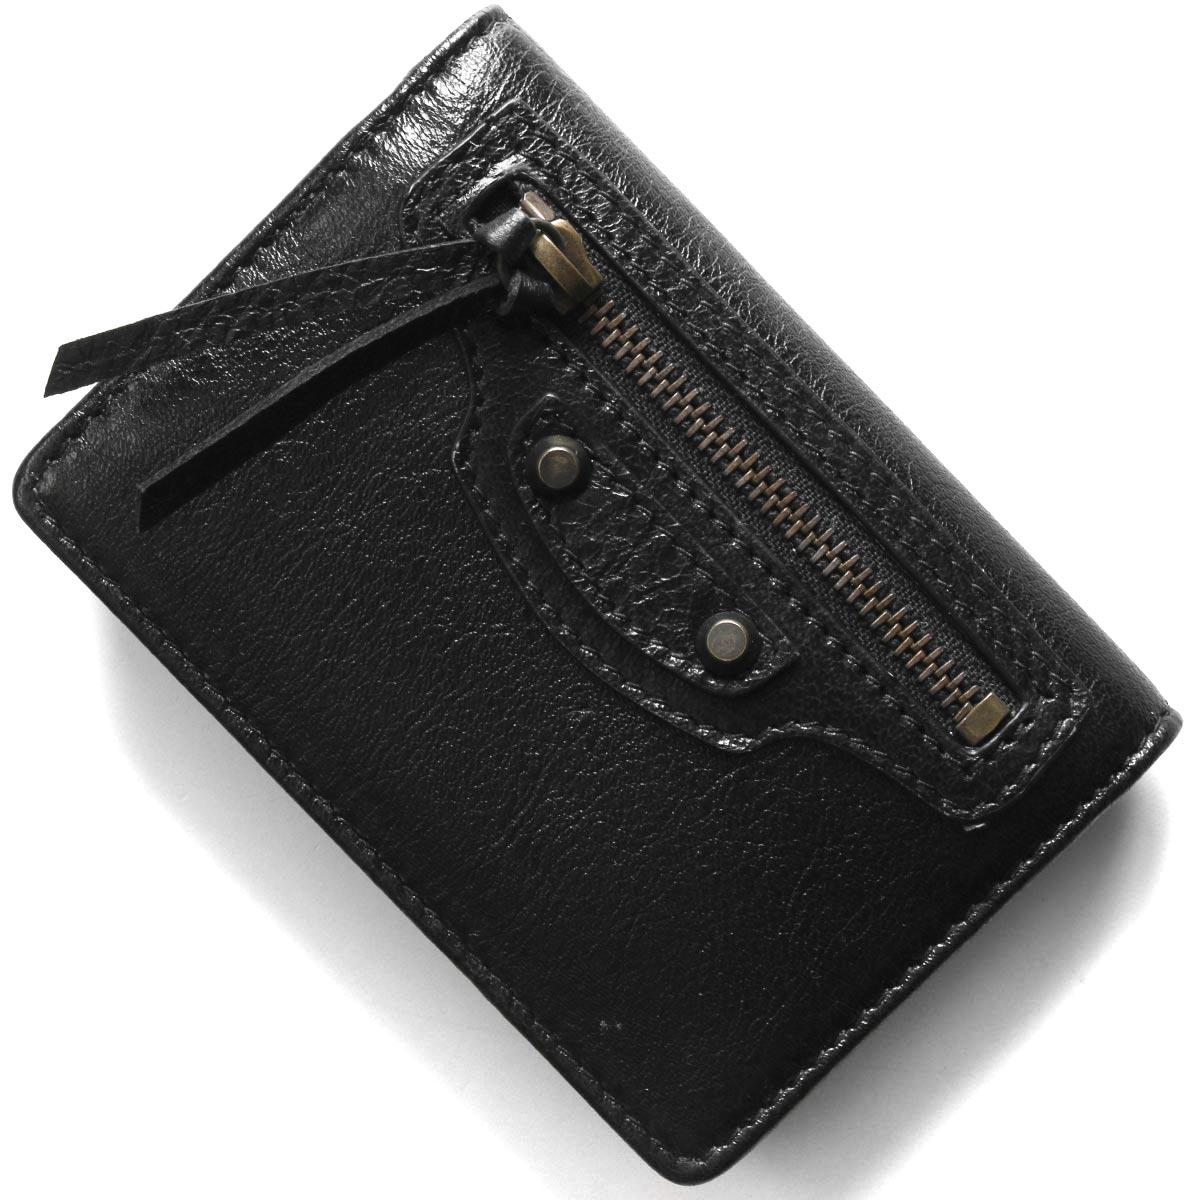 バレンシアガ カードケース/名刺入れ メンズ レディース ブラック 477453 D940T 1000 BALENCIAGA